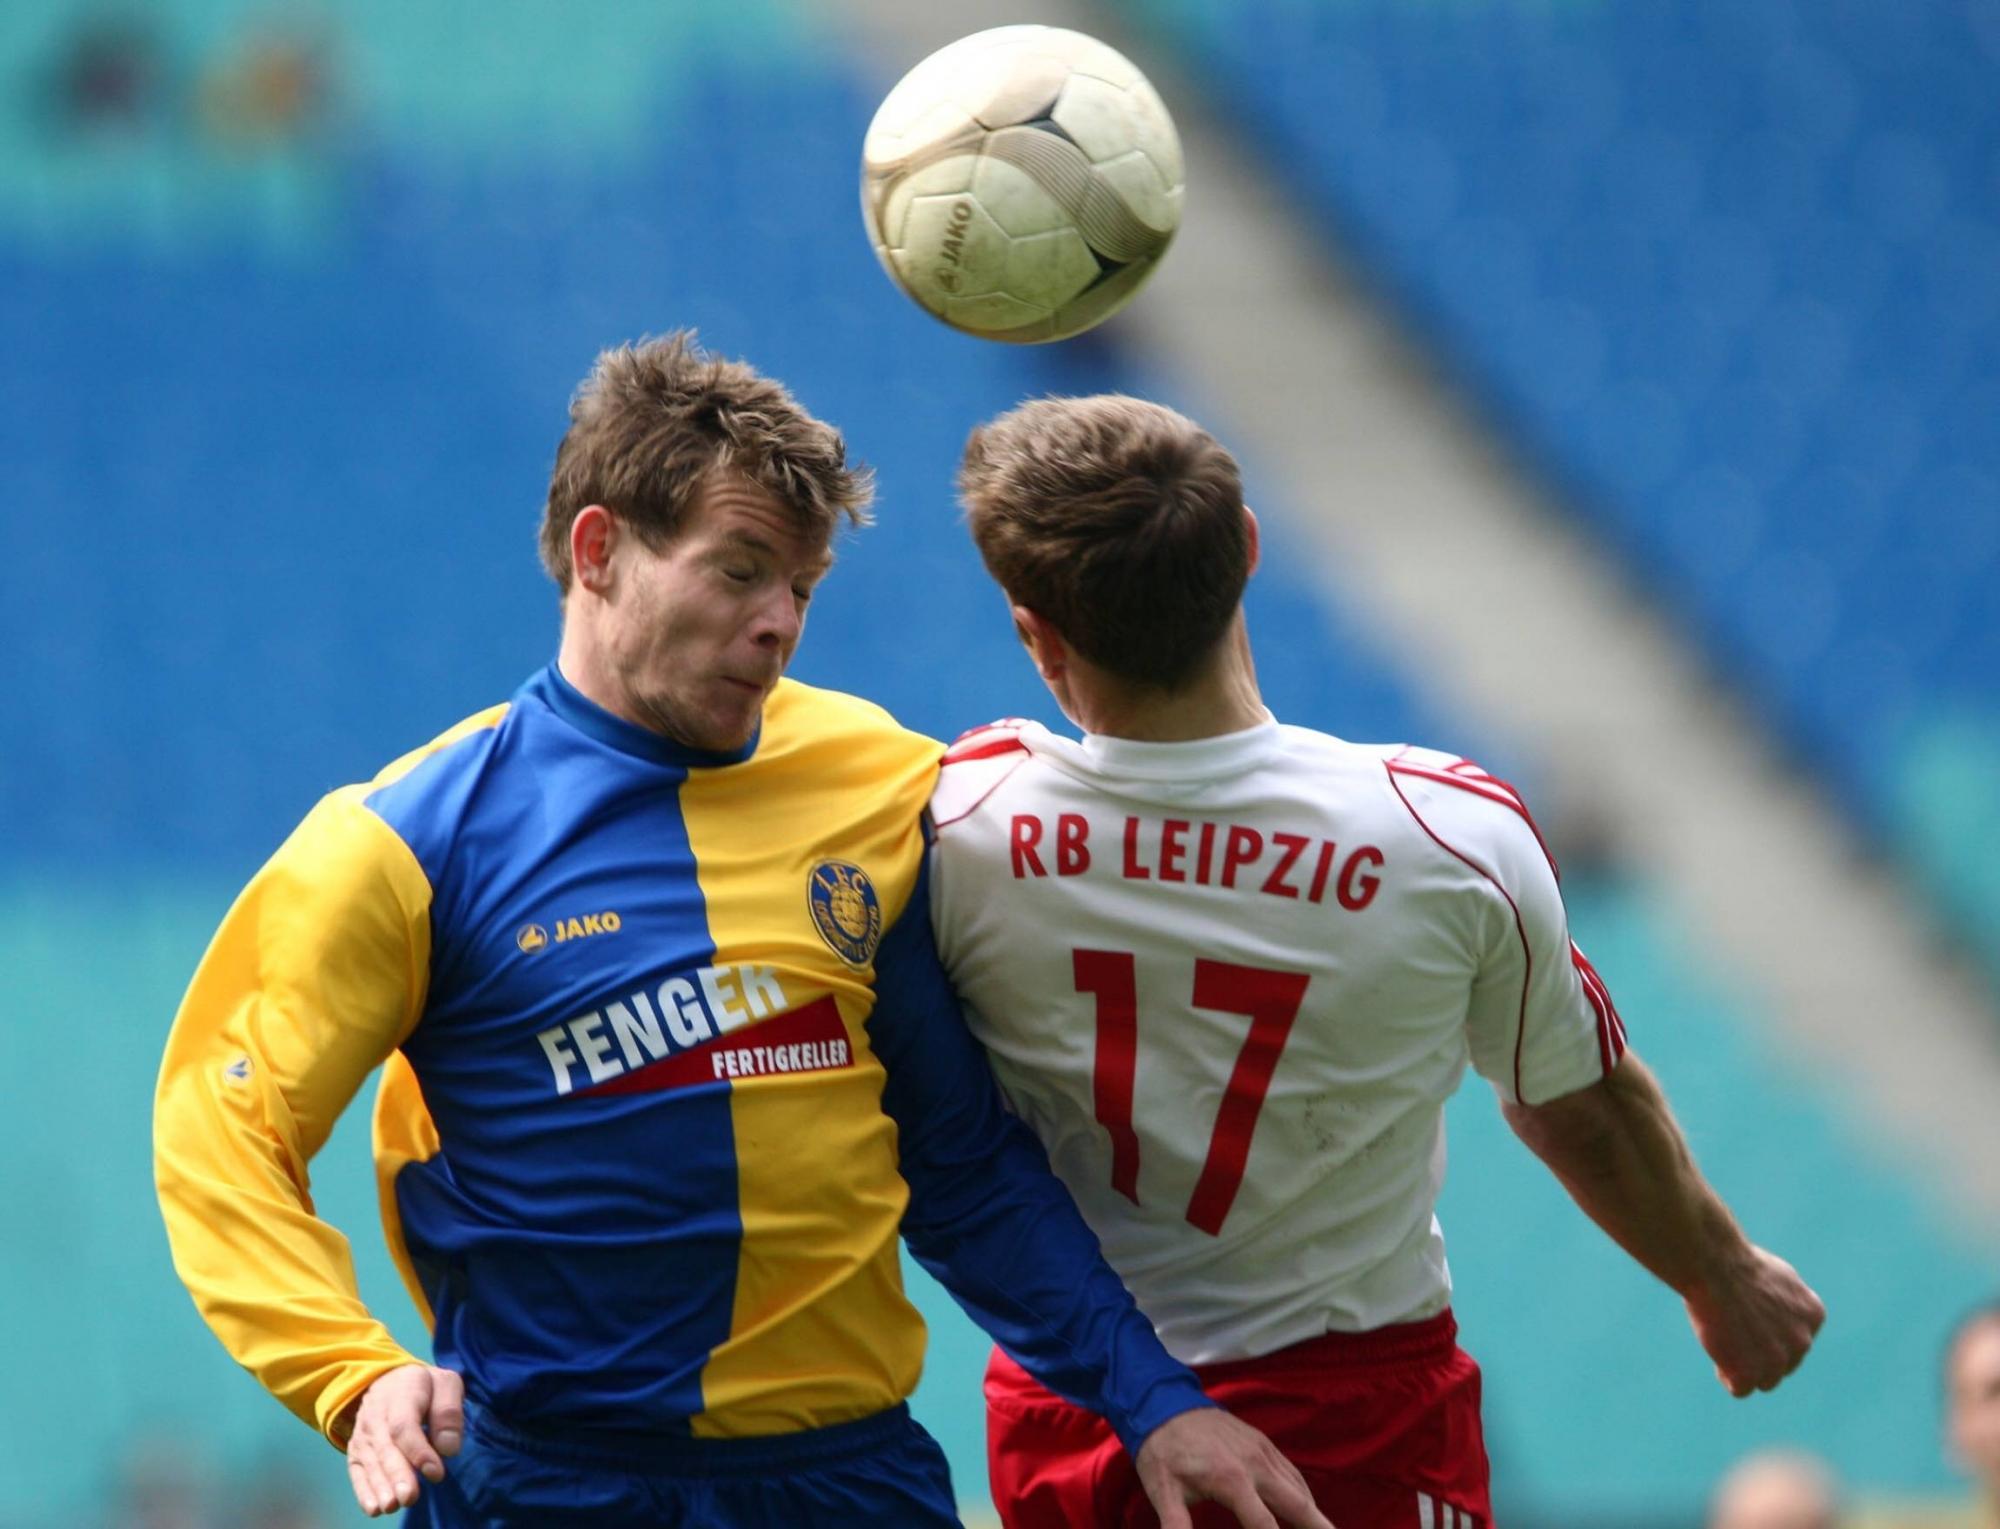 Premiere für RB Leipzig im Zentralstadion: Jens Werner im Kopfball-Duell gegen Lars Müller beim Spiel gegen Lok Leipzig.